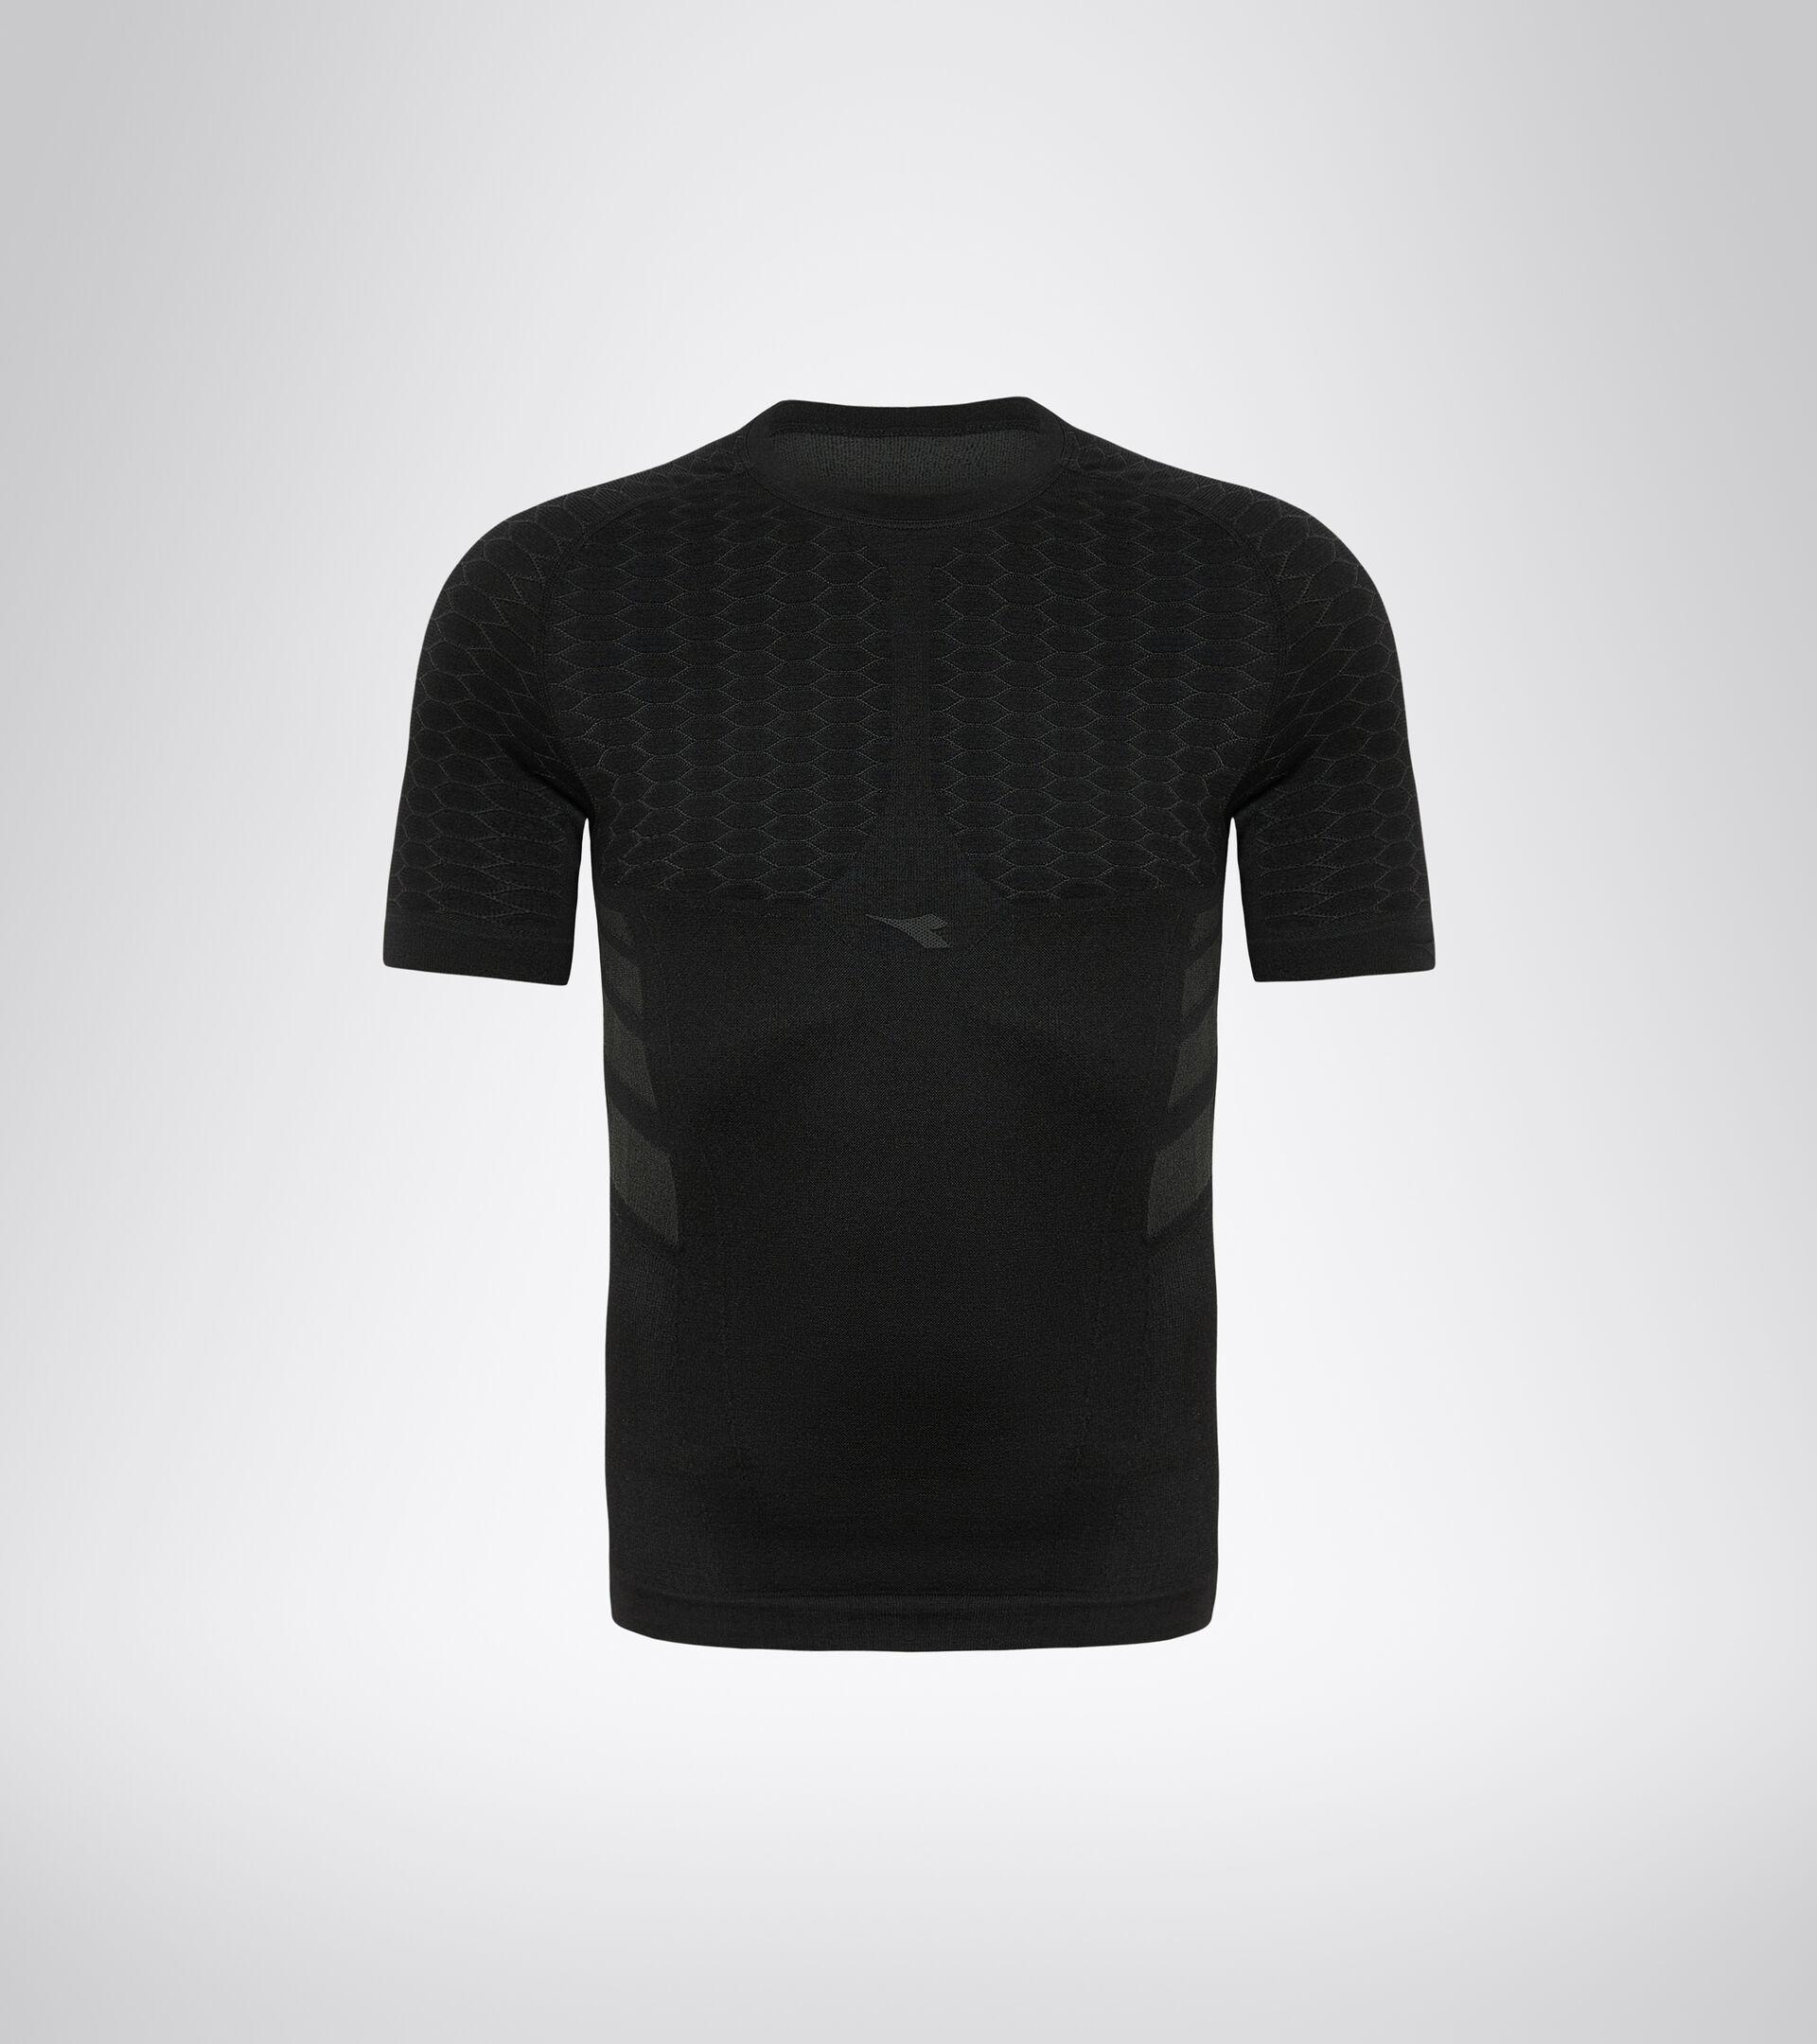 Trainings-T-Shirt - Herren SS T-SHIRT ACT SCHWARZ - Diadora